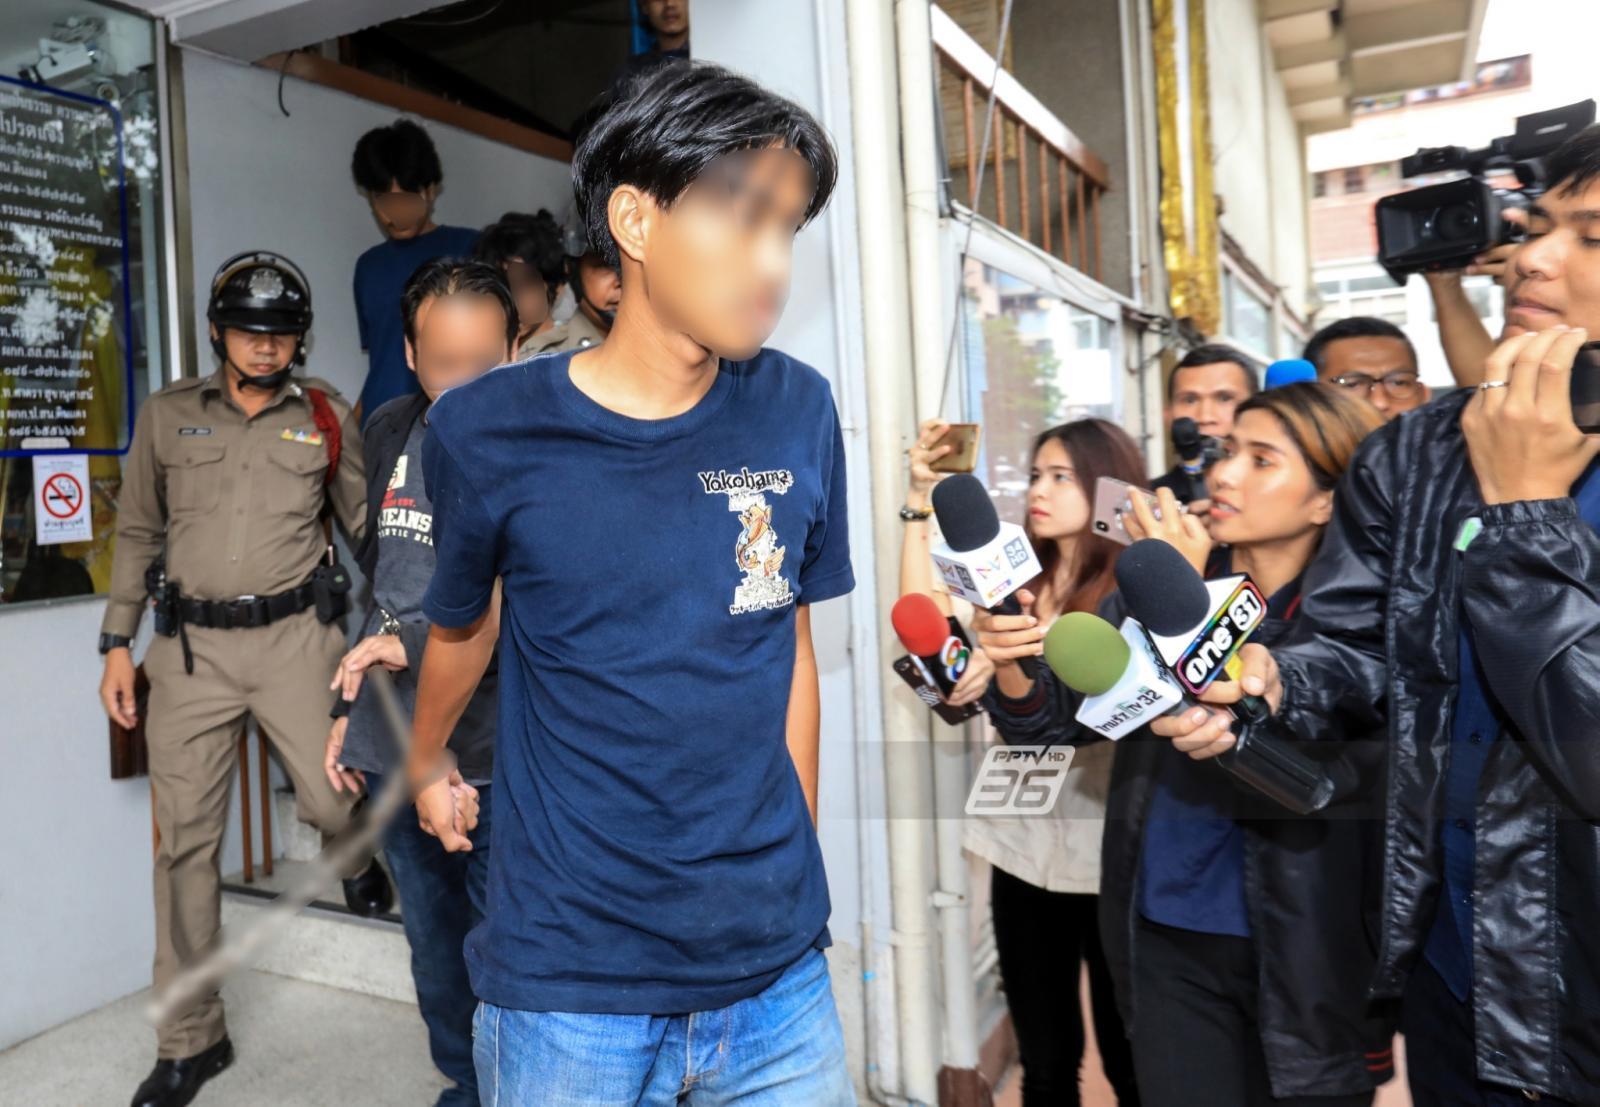 ศาลให้ประกันตัว 2 วัยรุ่นรุมโทรมสาว คนละ 3.5 แสนบาท